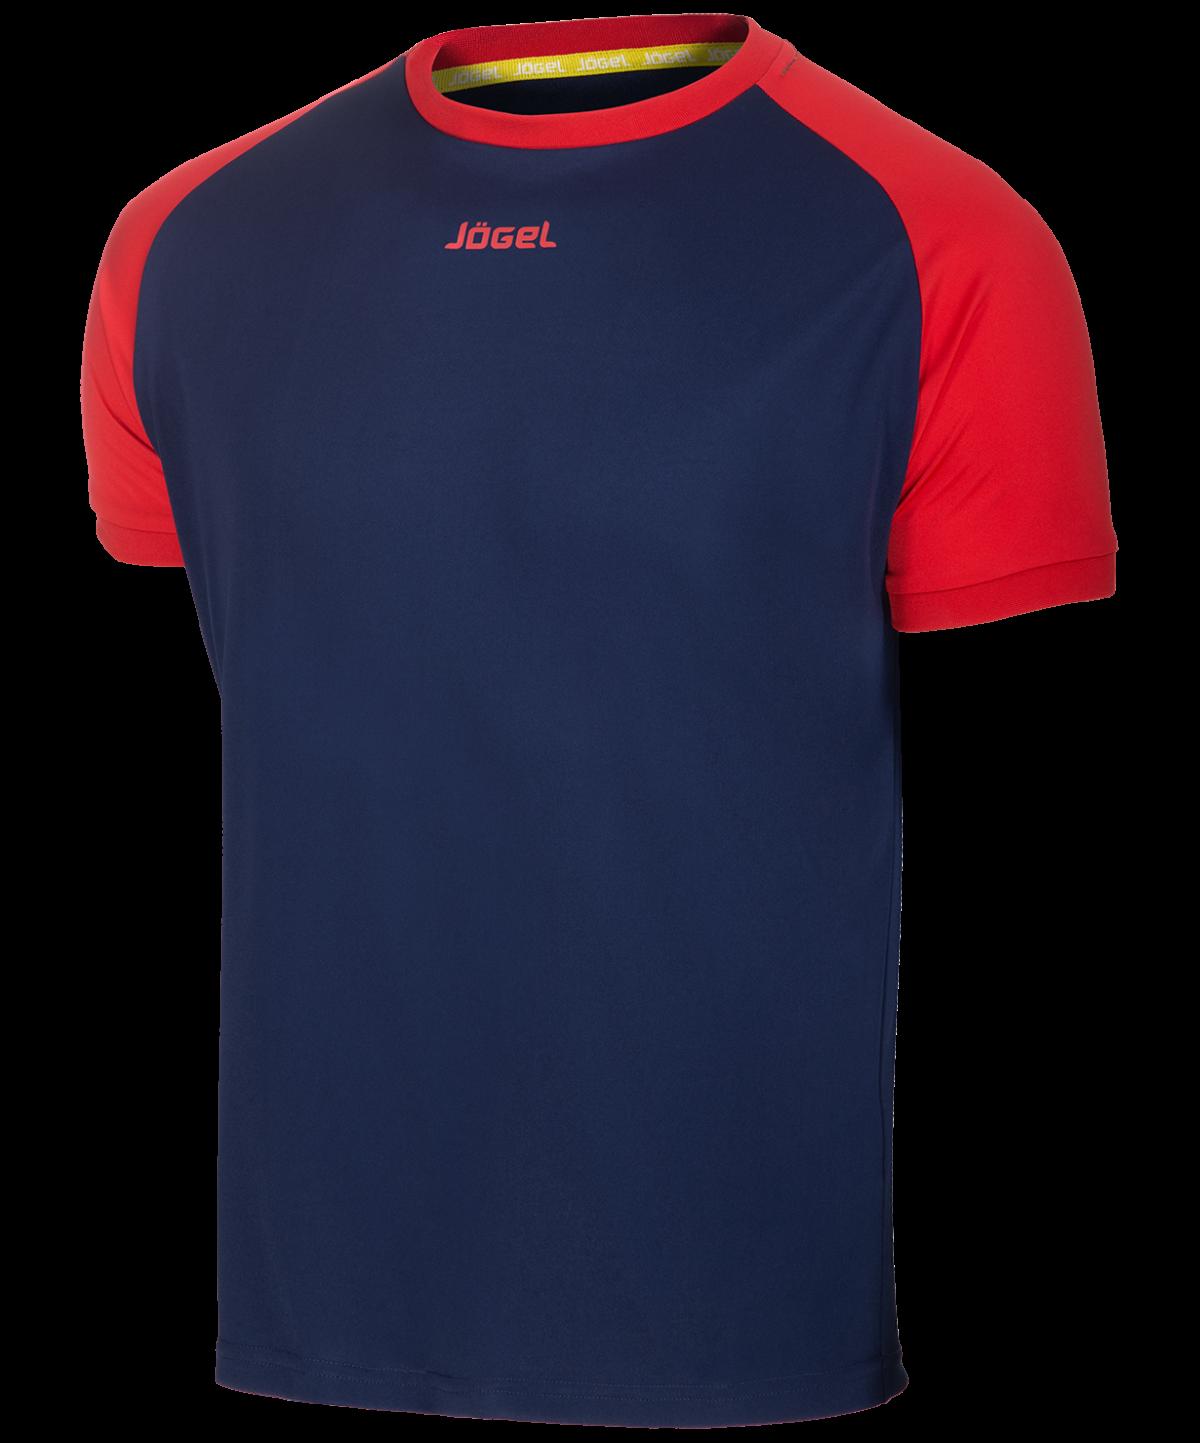 JOGEL Футболка футбольная, темно-синий/красный  JFT-1011-092 - 1